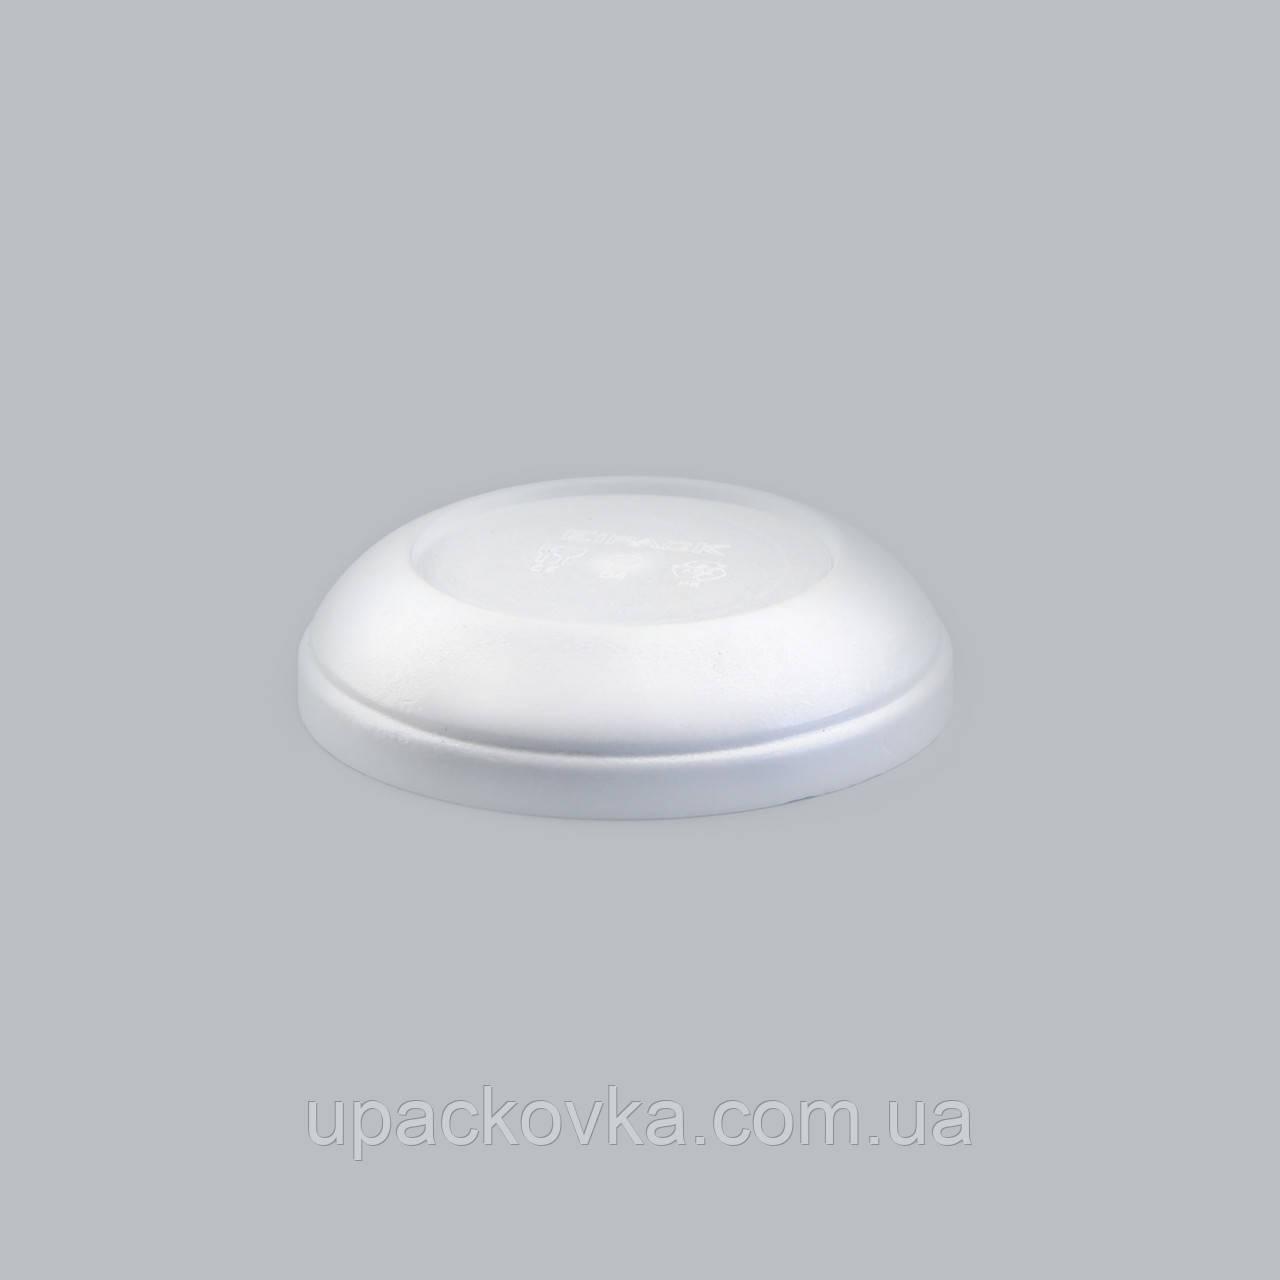 Крышка ЕPS к супным емкостям OZ , 25 шт/уп, 20 уп/ящ